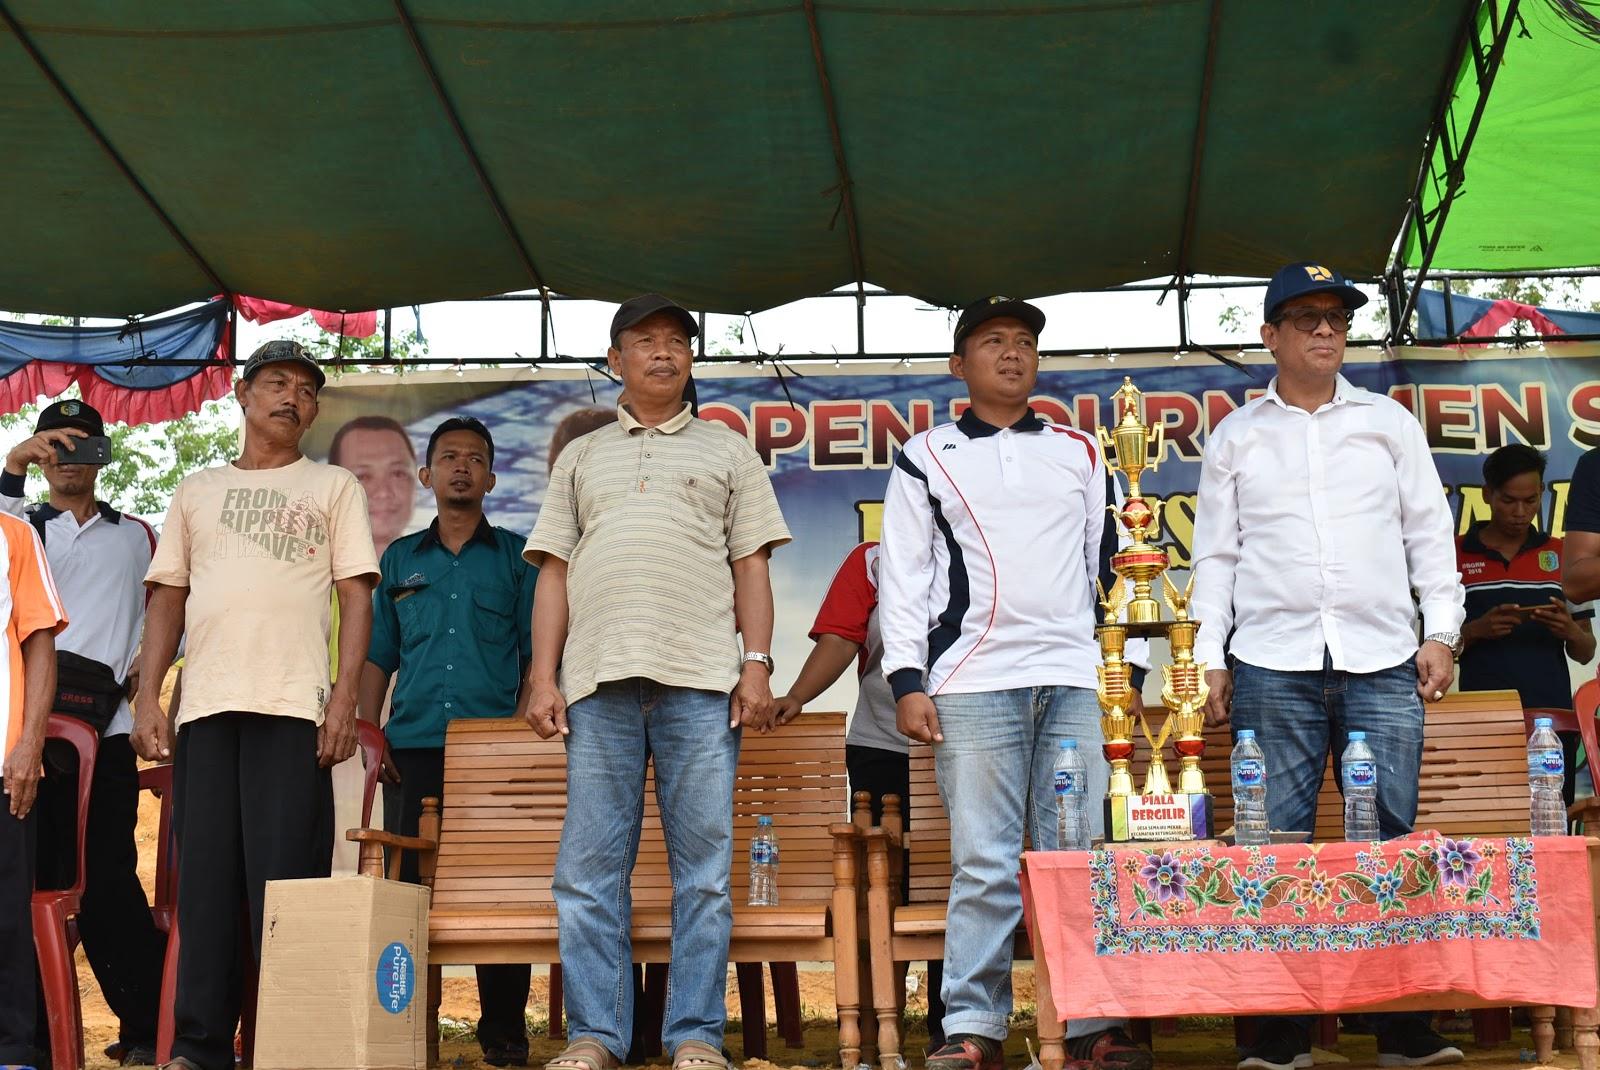 Kepala PU Sintang tutup turnamen sepak bola,hari ulang tahun desa semajau mekar